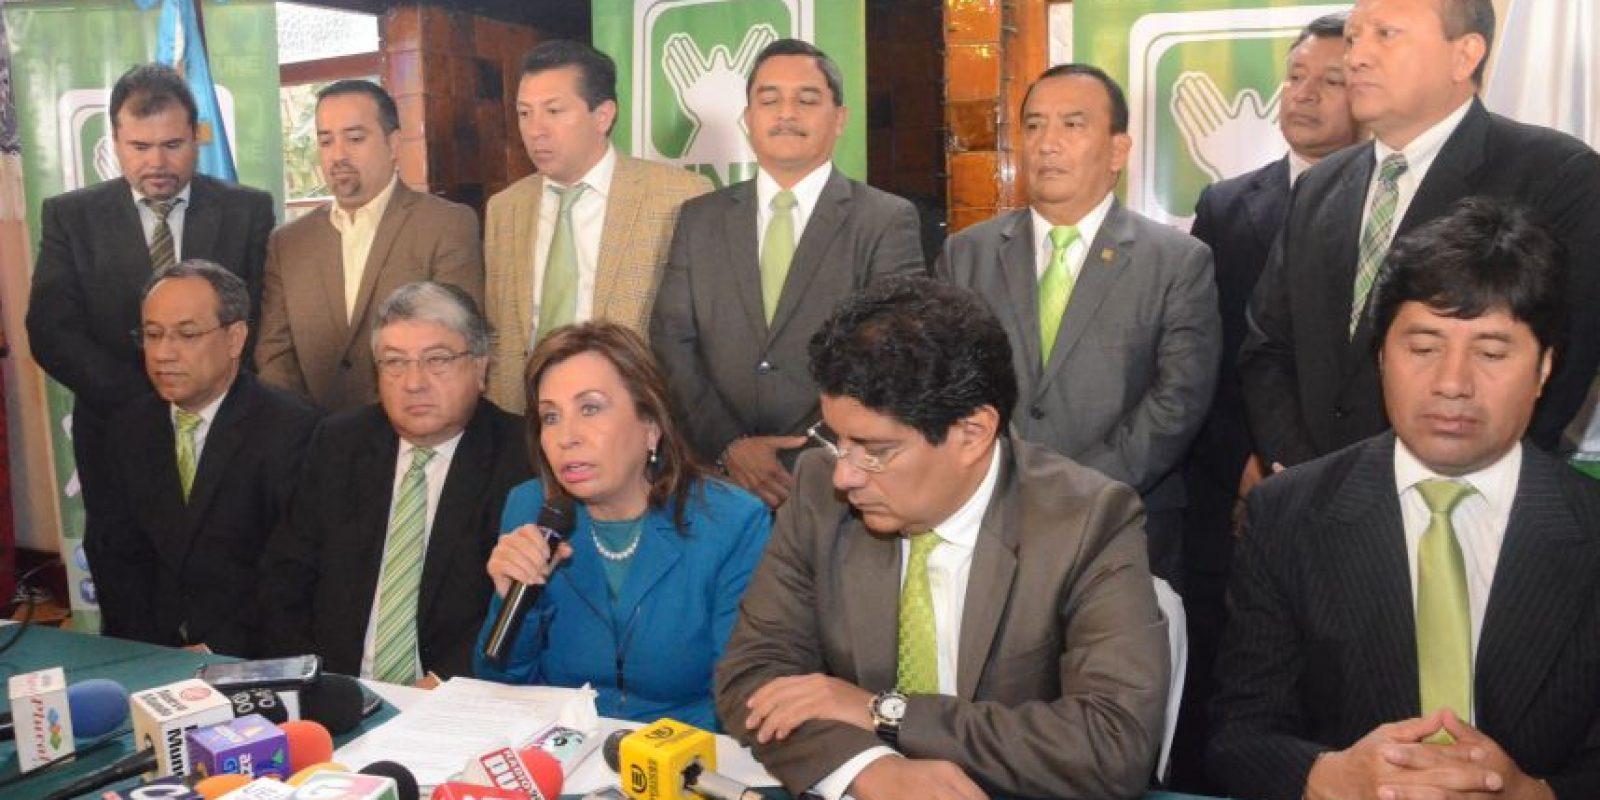 La precandidata presidencial de la UNE le pedirá a la CICIG que investigue la compra de votos. Foto:José Castro